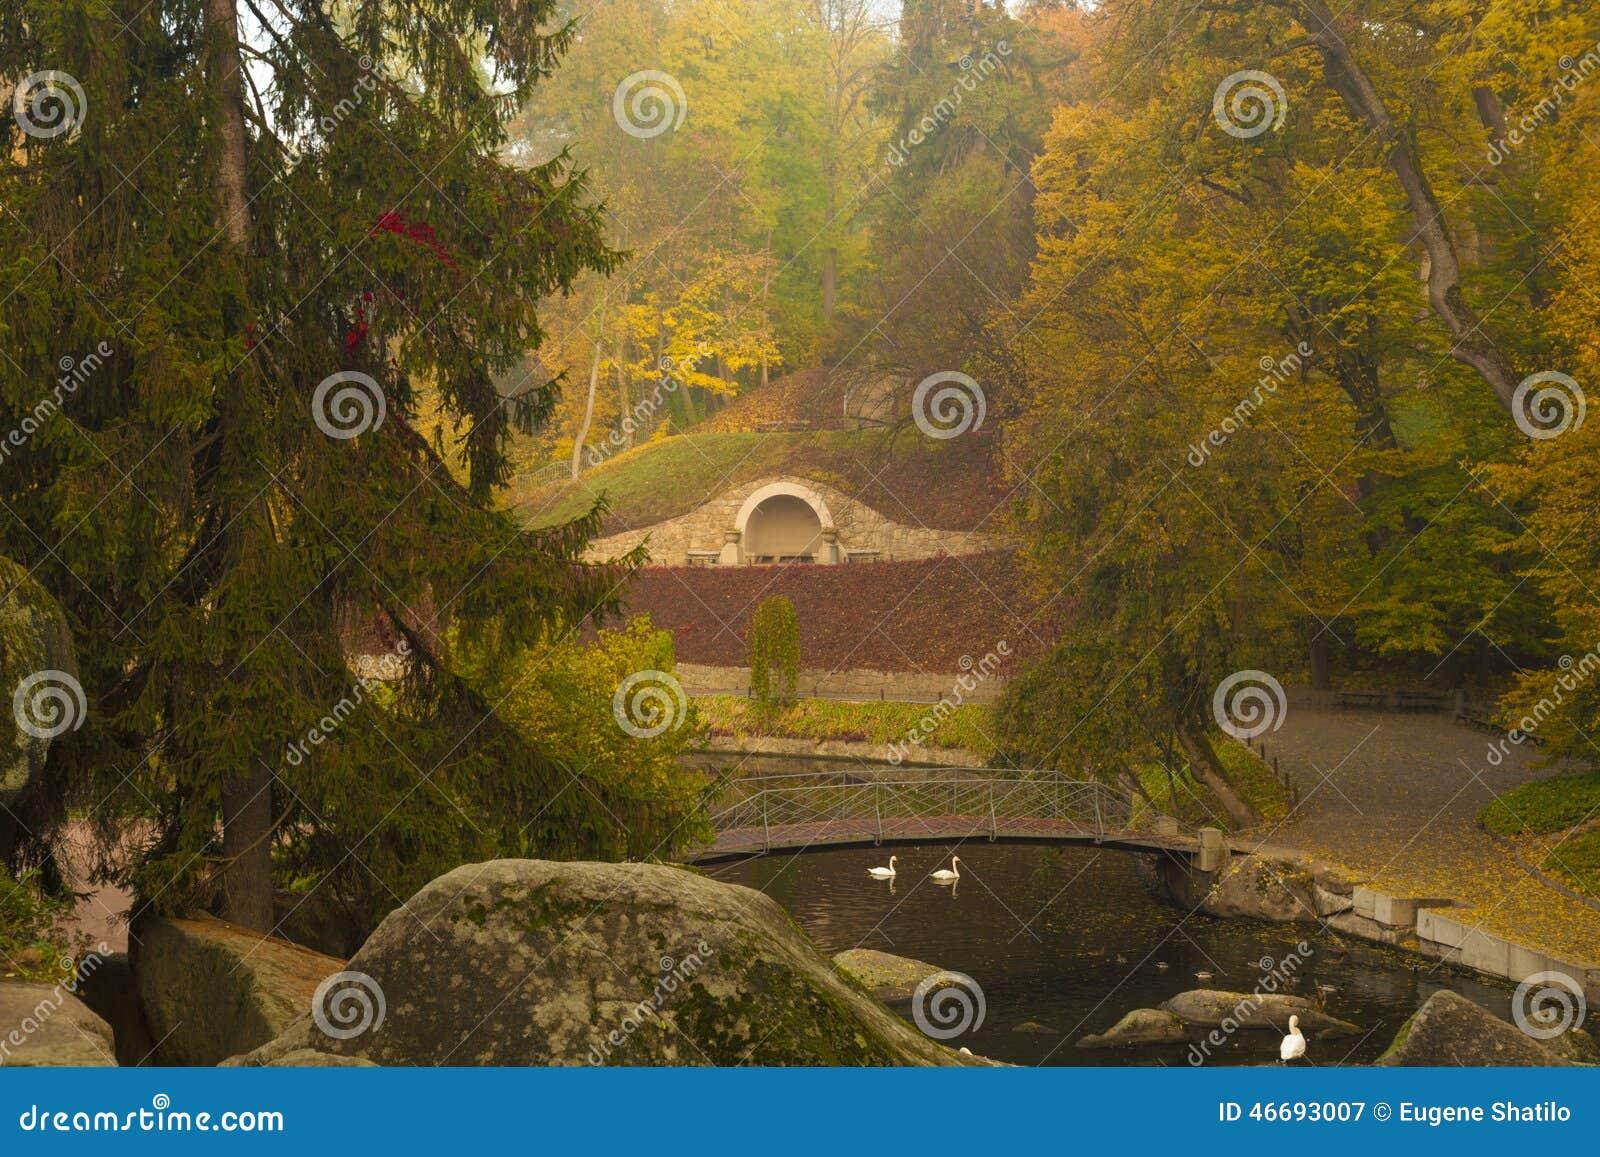 Escena del parque del otoño con el río